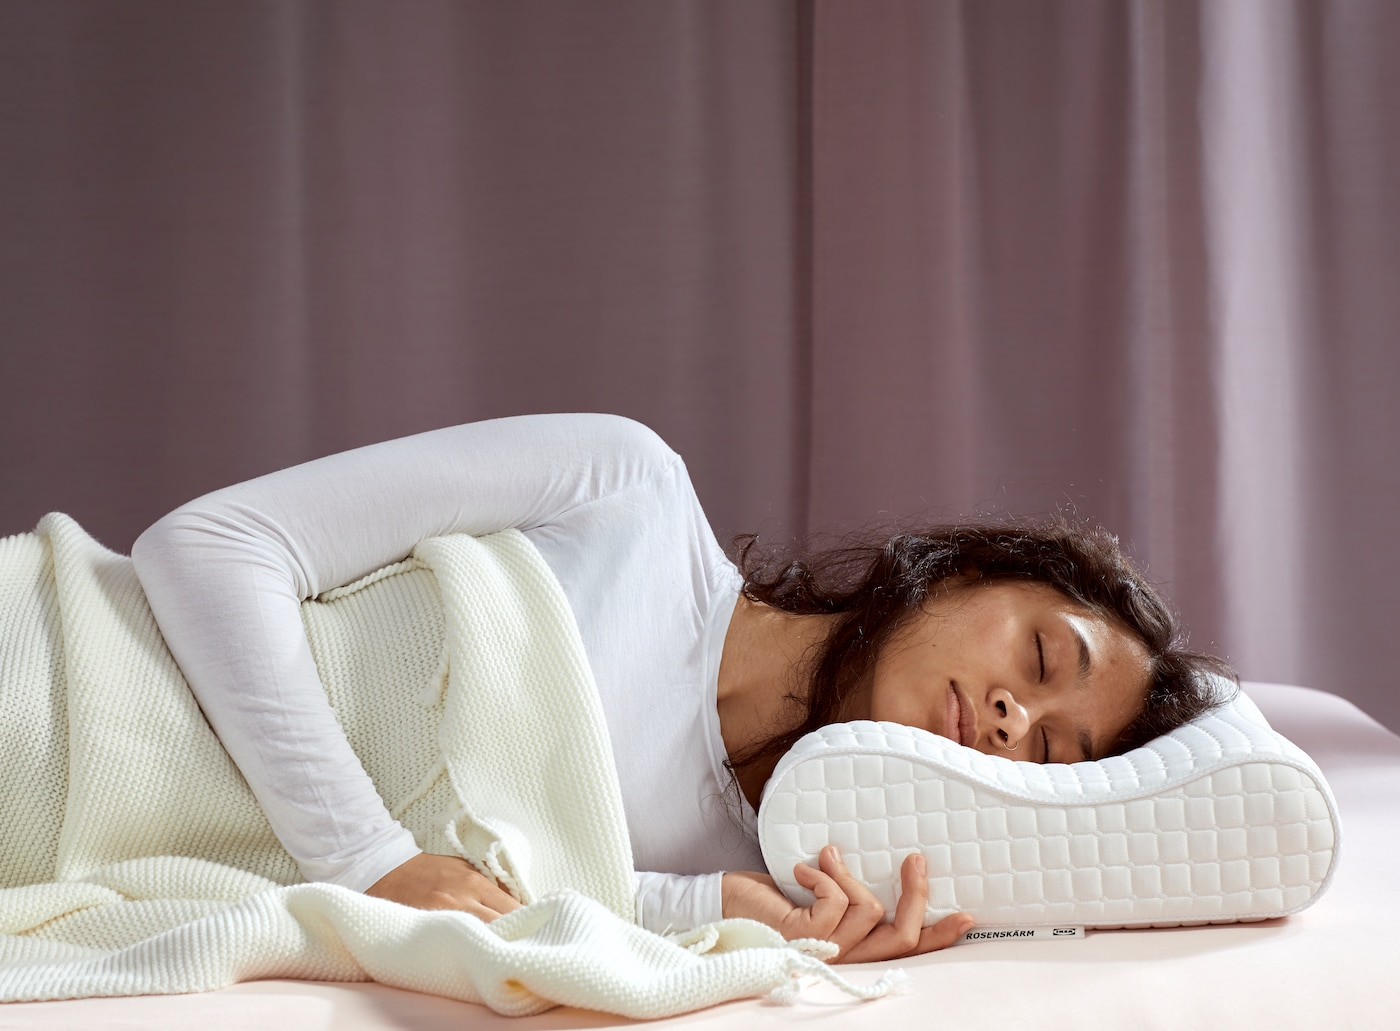 O femeie cu păr șaten și cămașă albă dormind sub o pătură albă pe o pernă ergonomică ROSENSKÄRM.